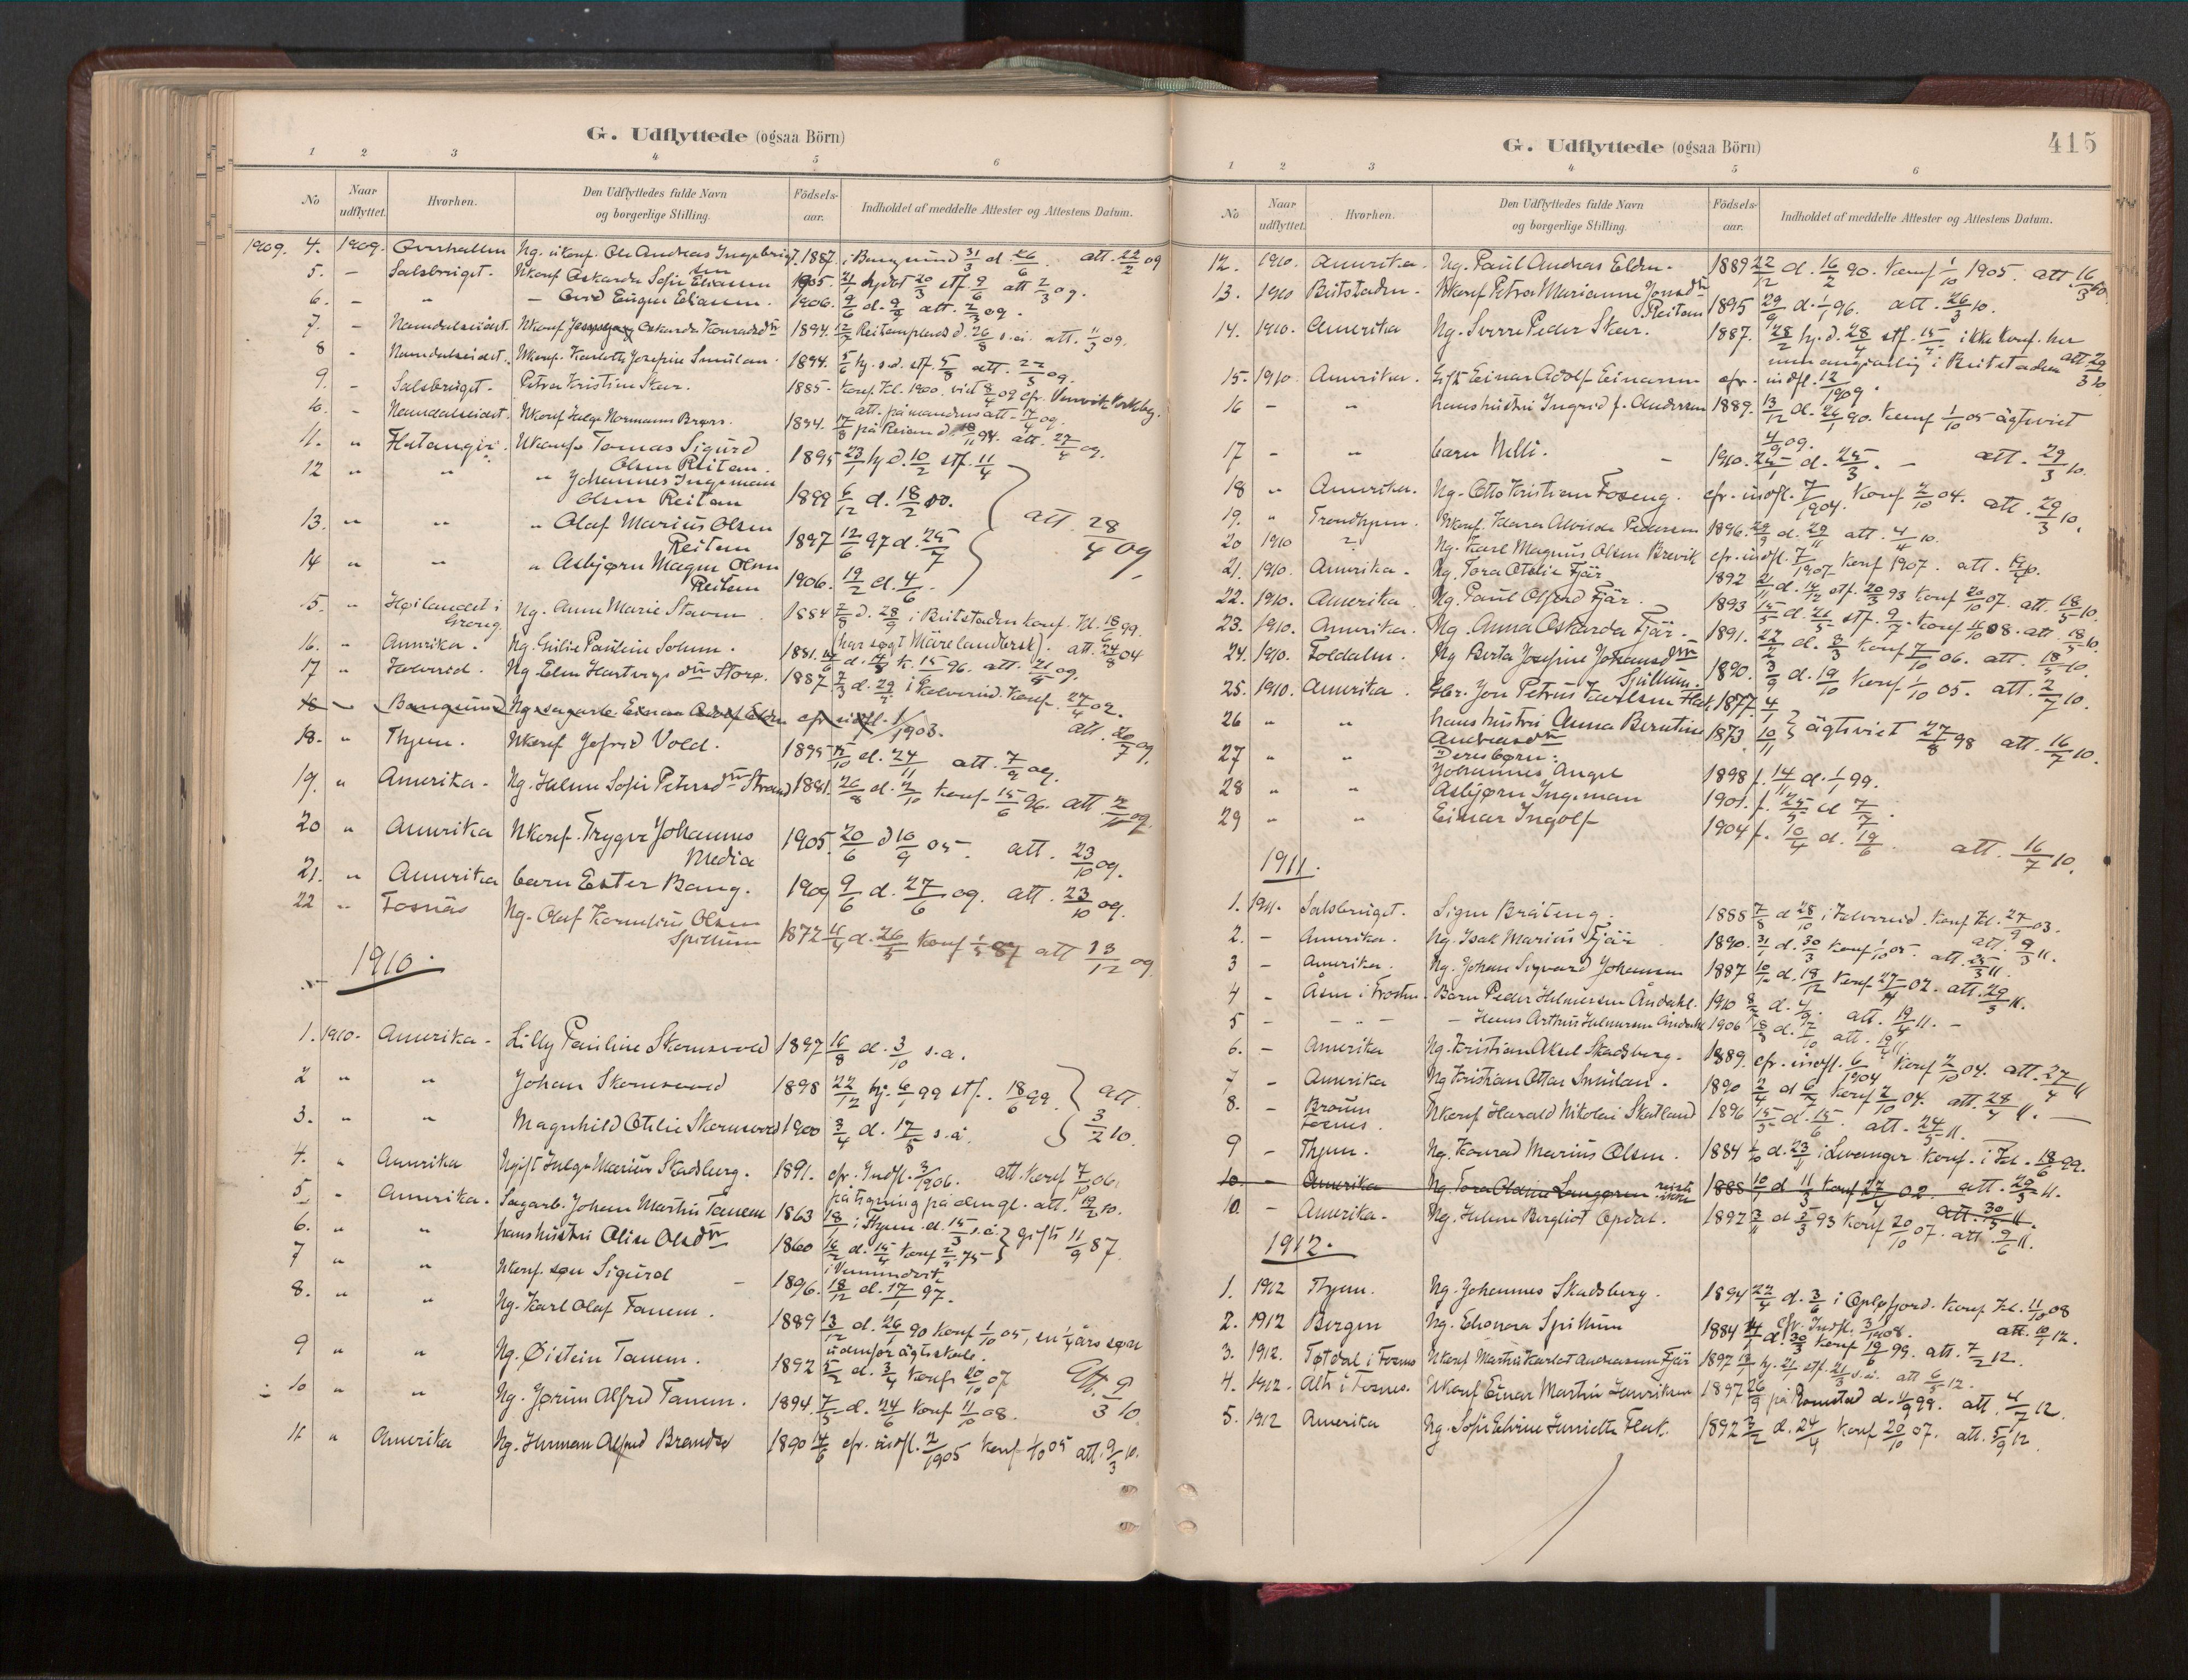 SAT, Ministerialprotokoller, klokkerbøker og fødselsregistre - Nord-Trøndelag, 770/L0589: Ministerialbok nr. 770A03, 1887-1929, s. 415